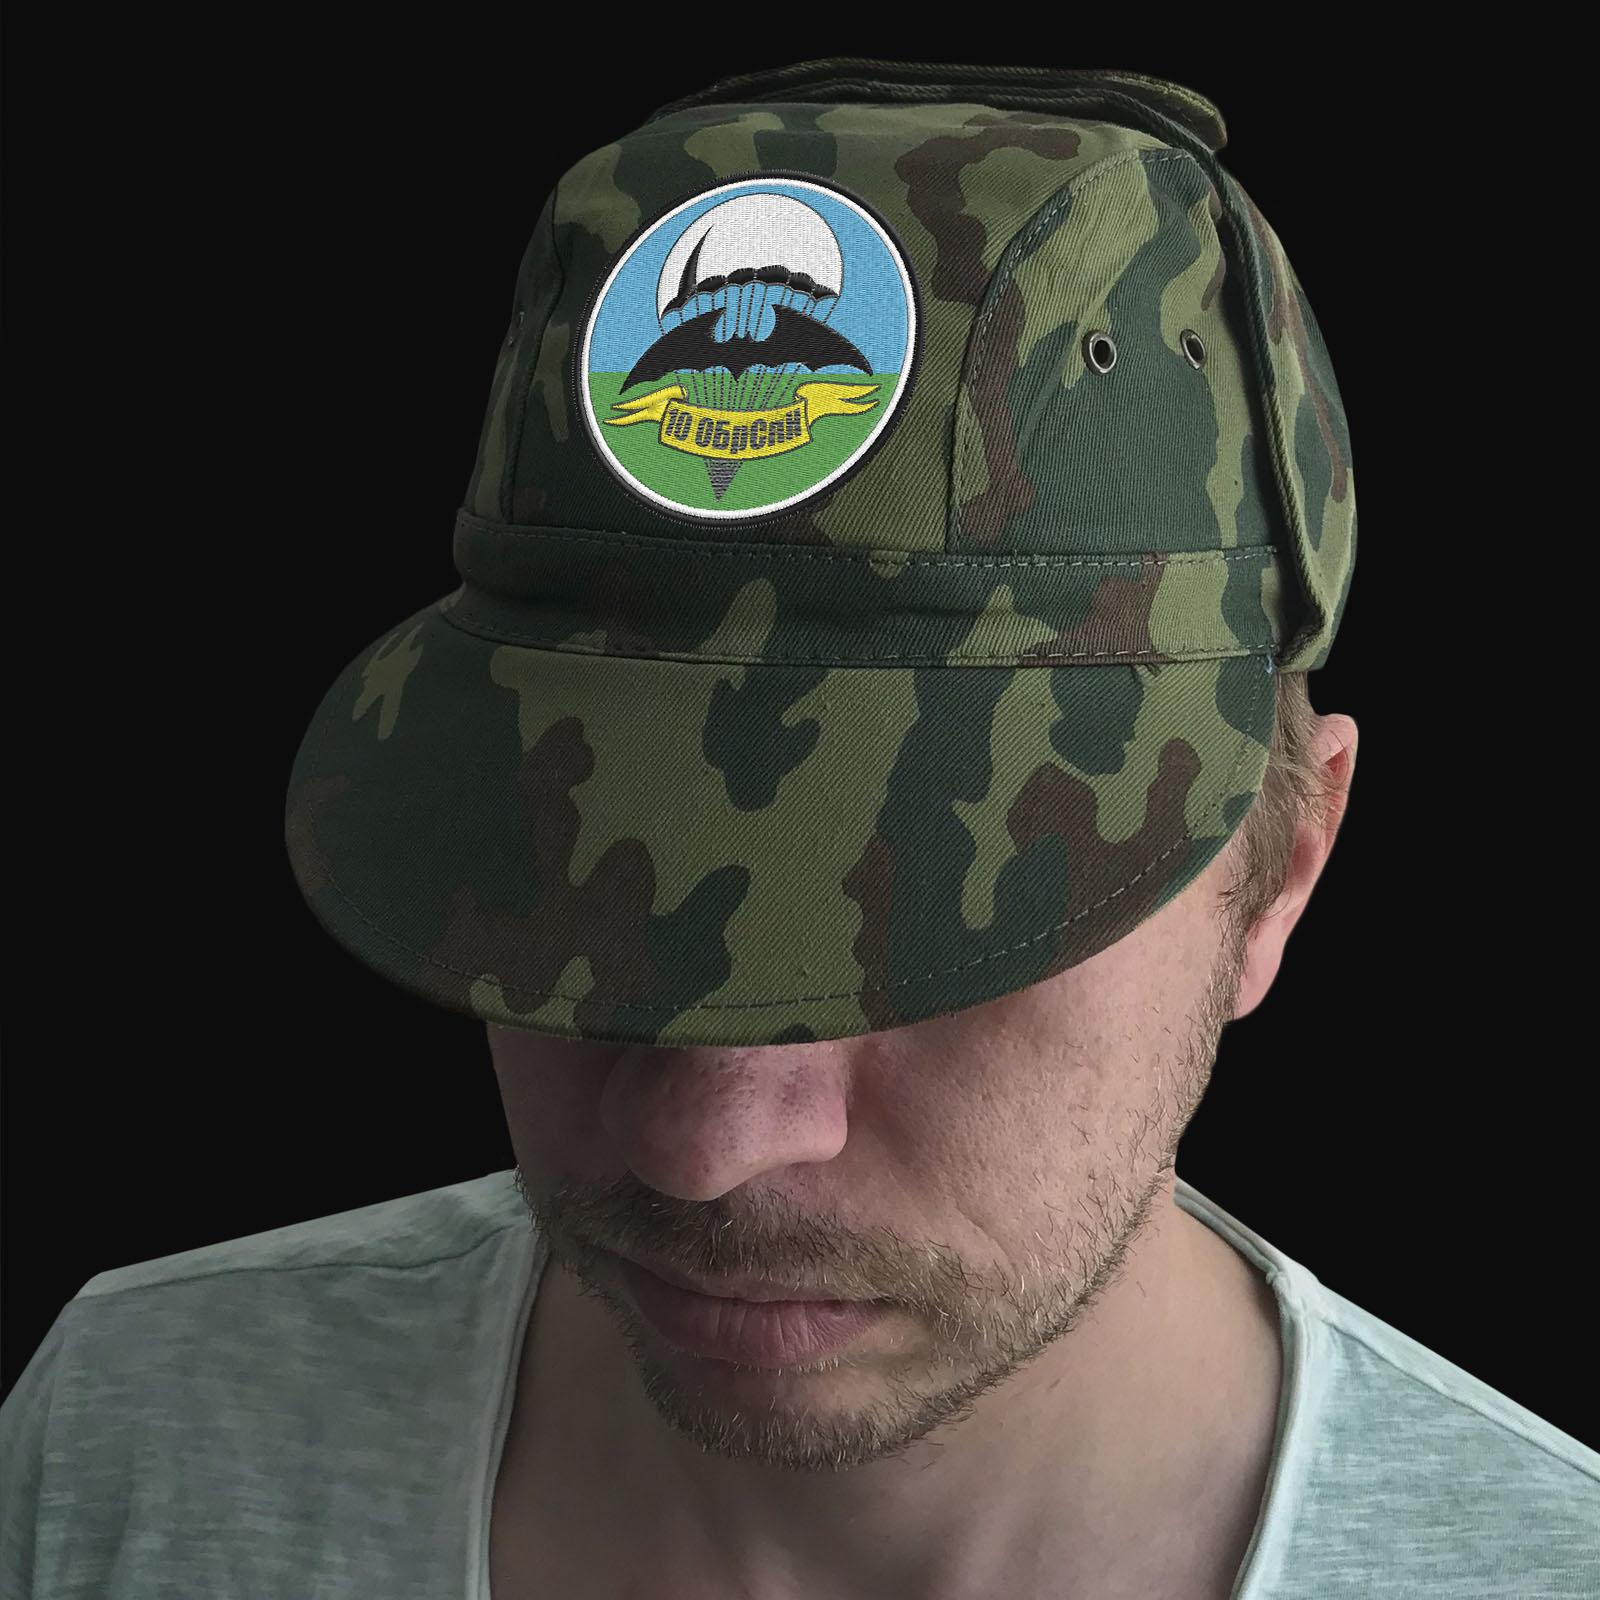 Тактическая кепка с шевроном 10 ОБрСпН